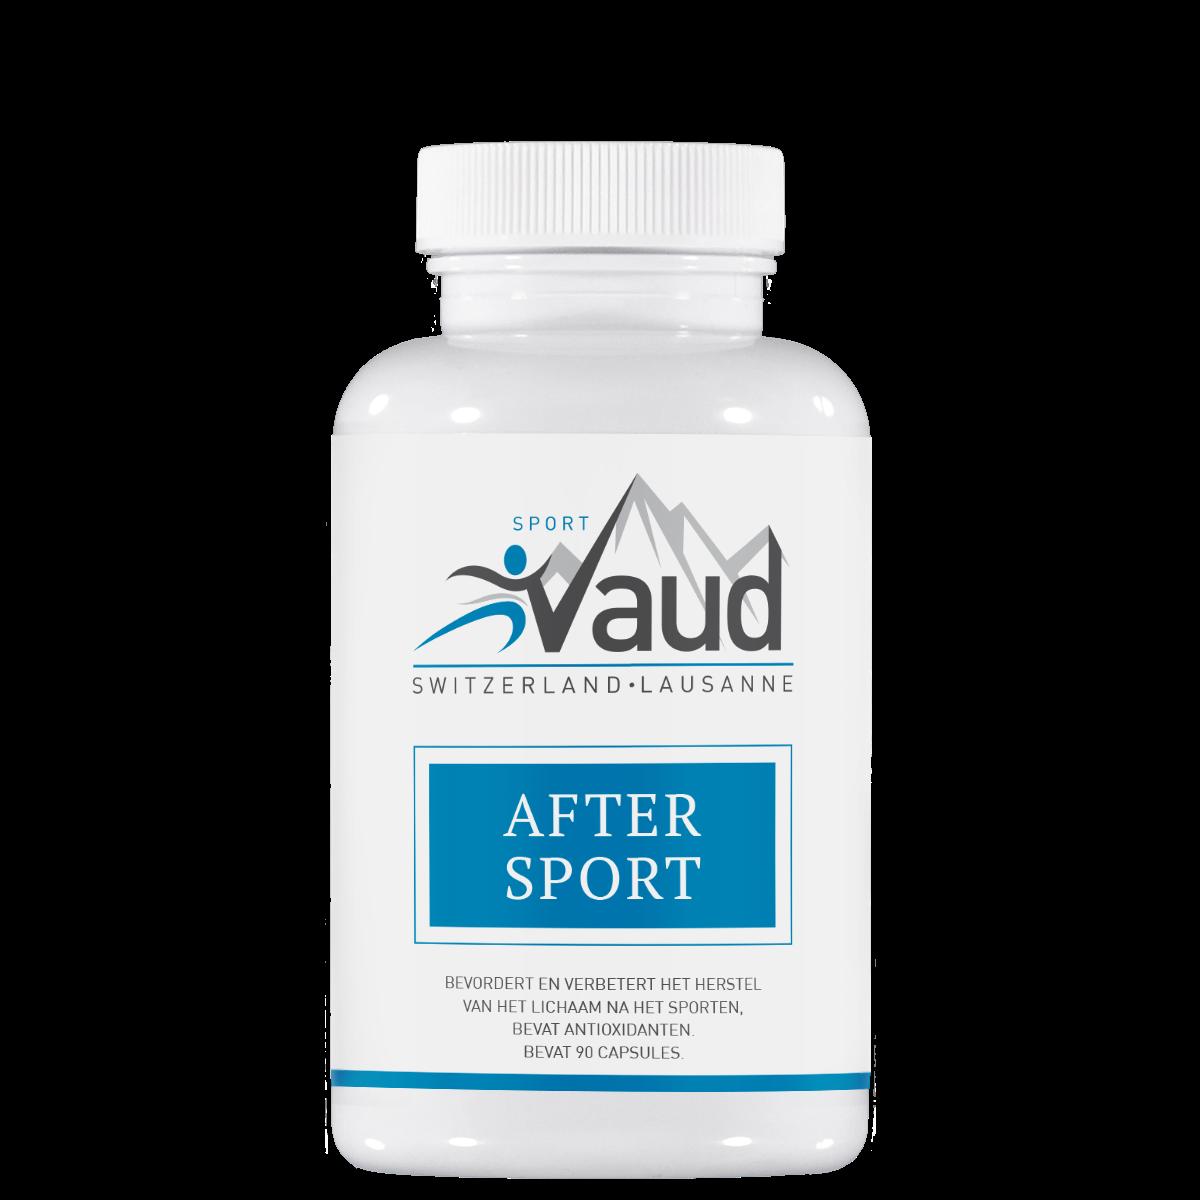 Supplement na het sporten